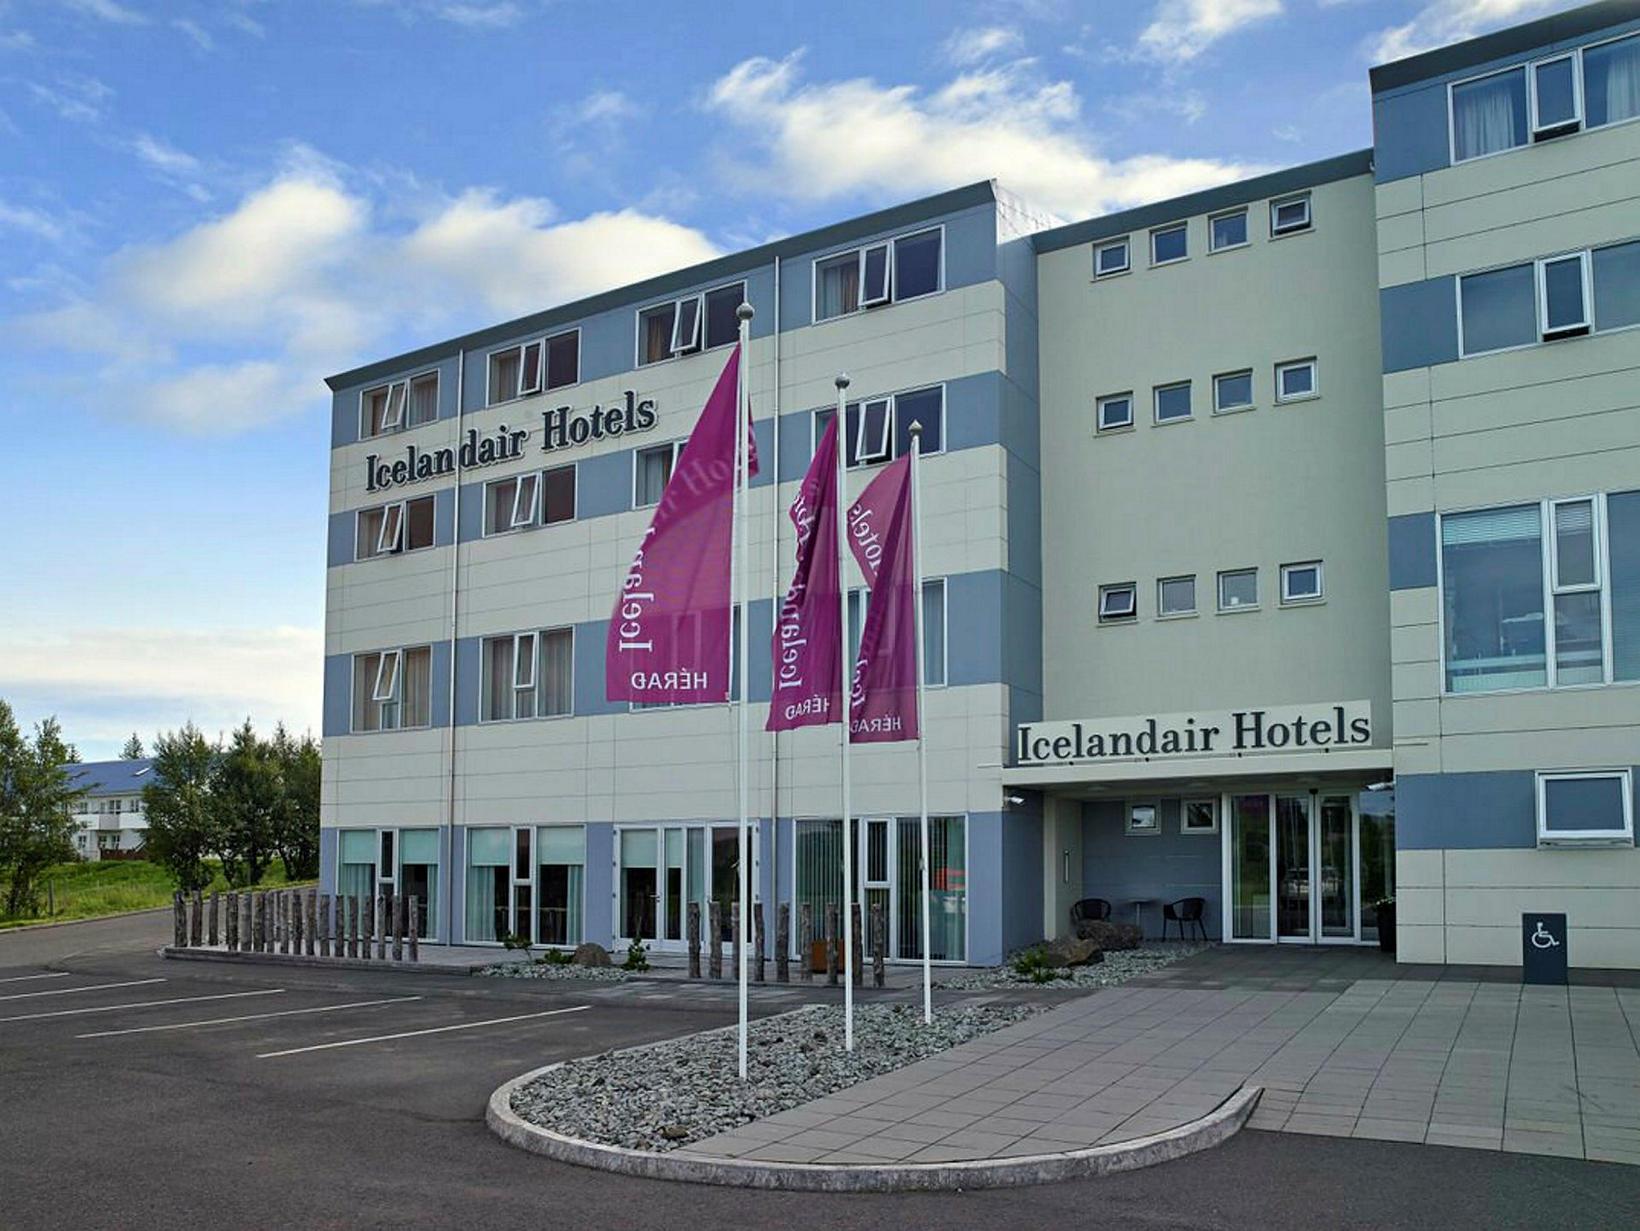 Icelandair Hótel Hérað er á Egilsstöðum.